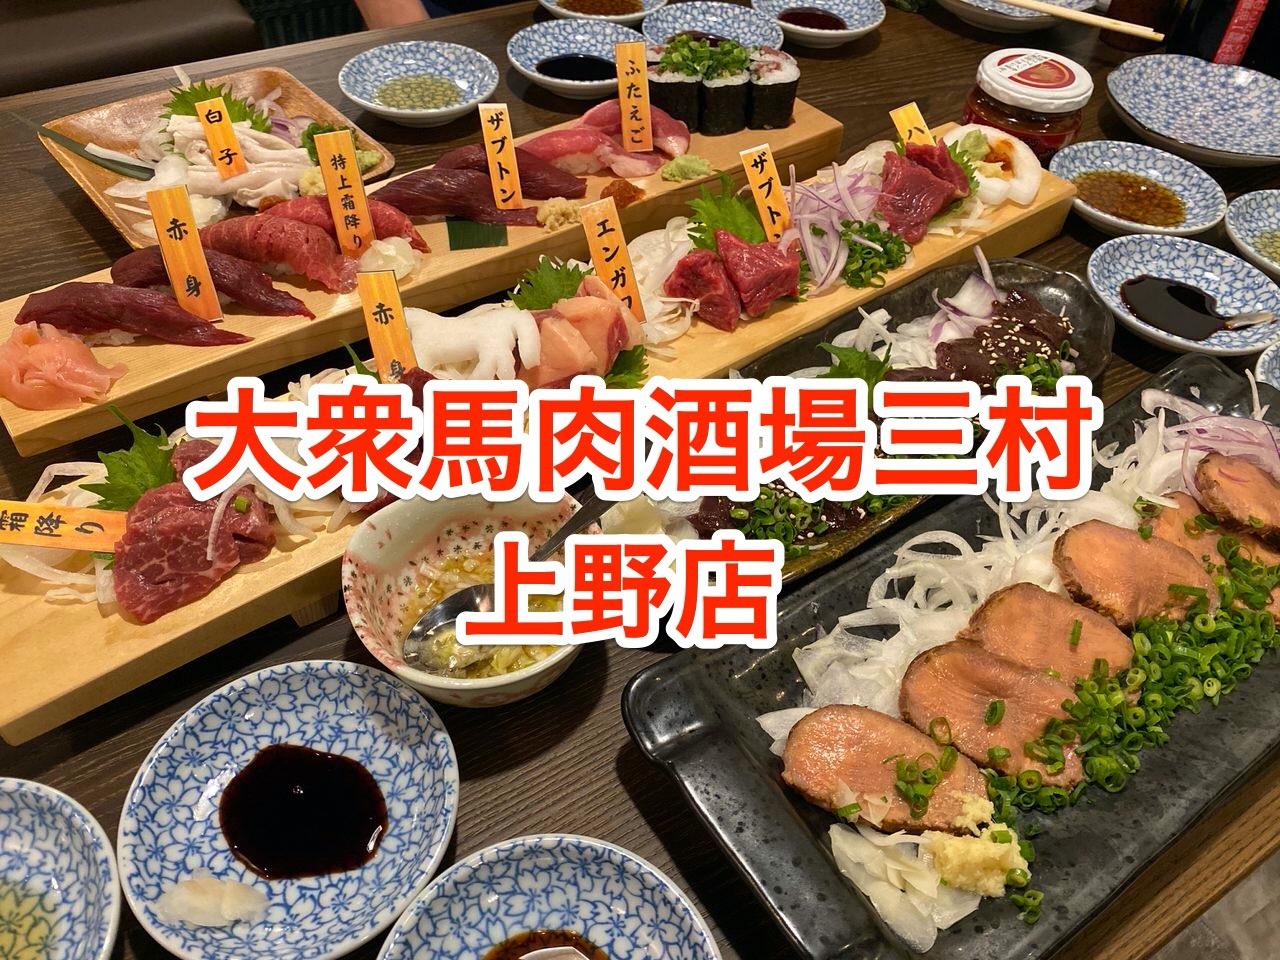 「馬肉酒場三村 上野店」刺身・肉寿司・焼肉・すき焼き、馬肉の万能感が凄い!食べ続けられる! #提供